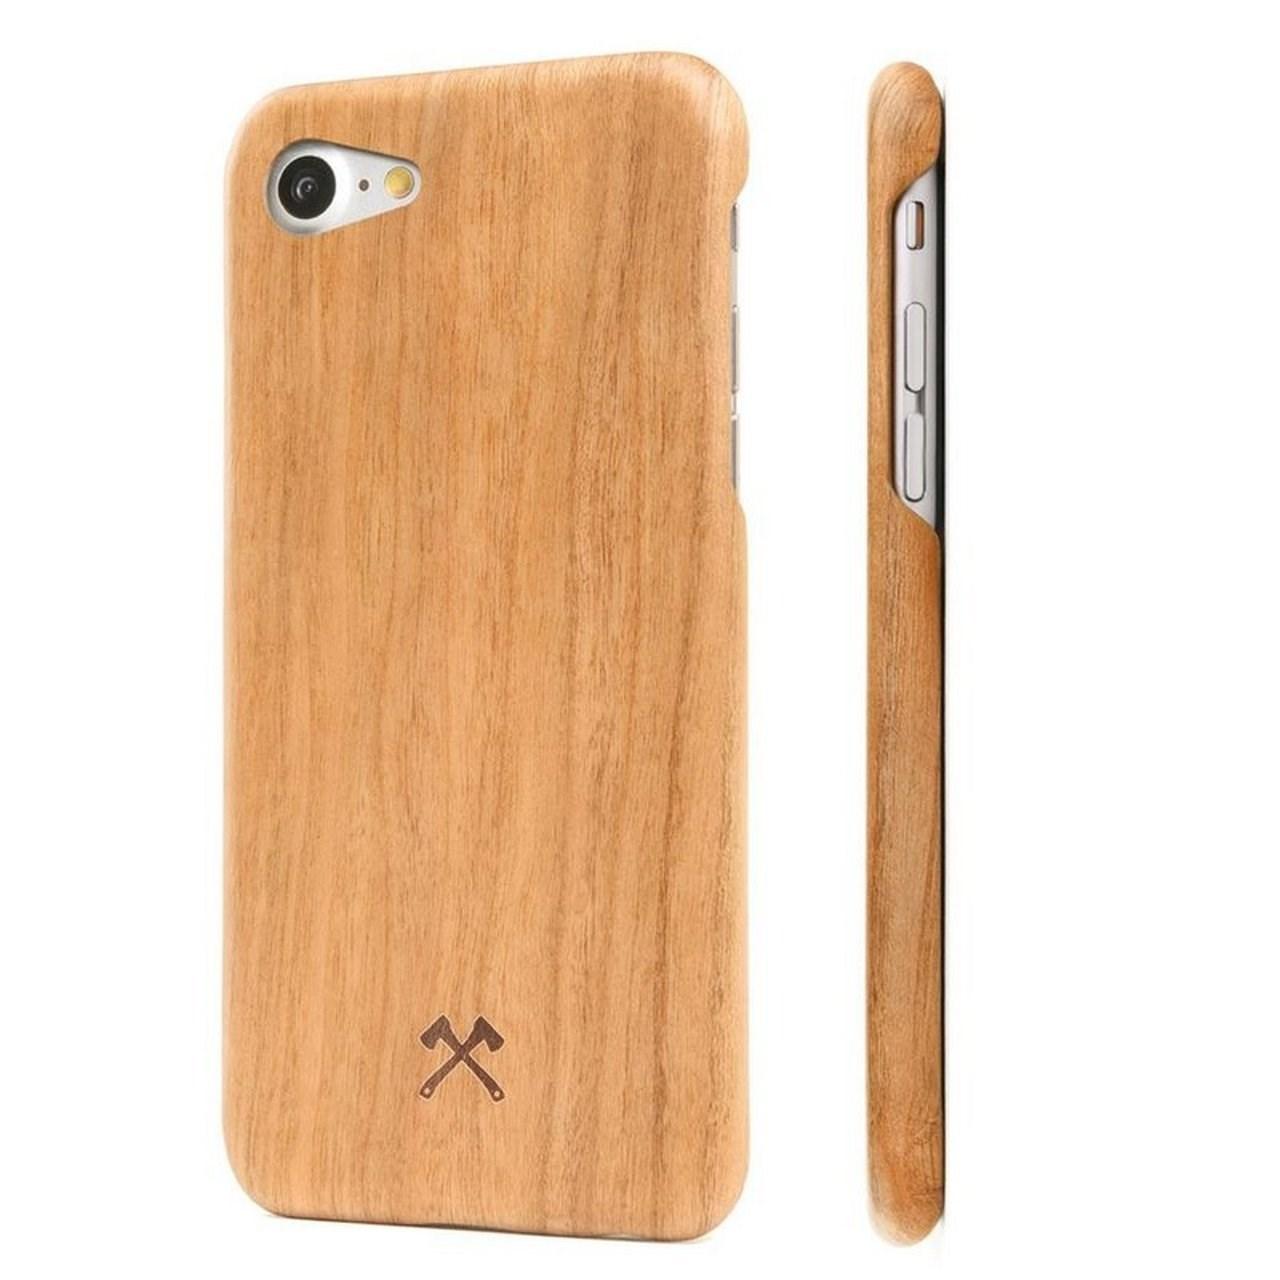 کاور چوبی وودسسوریز مدل Canyon مناسب برای گوشی های موبایل آیفون 7 و آیفون 8